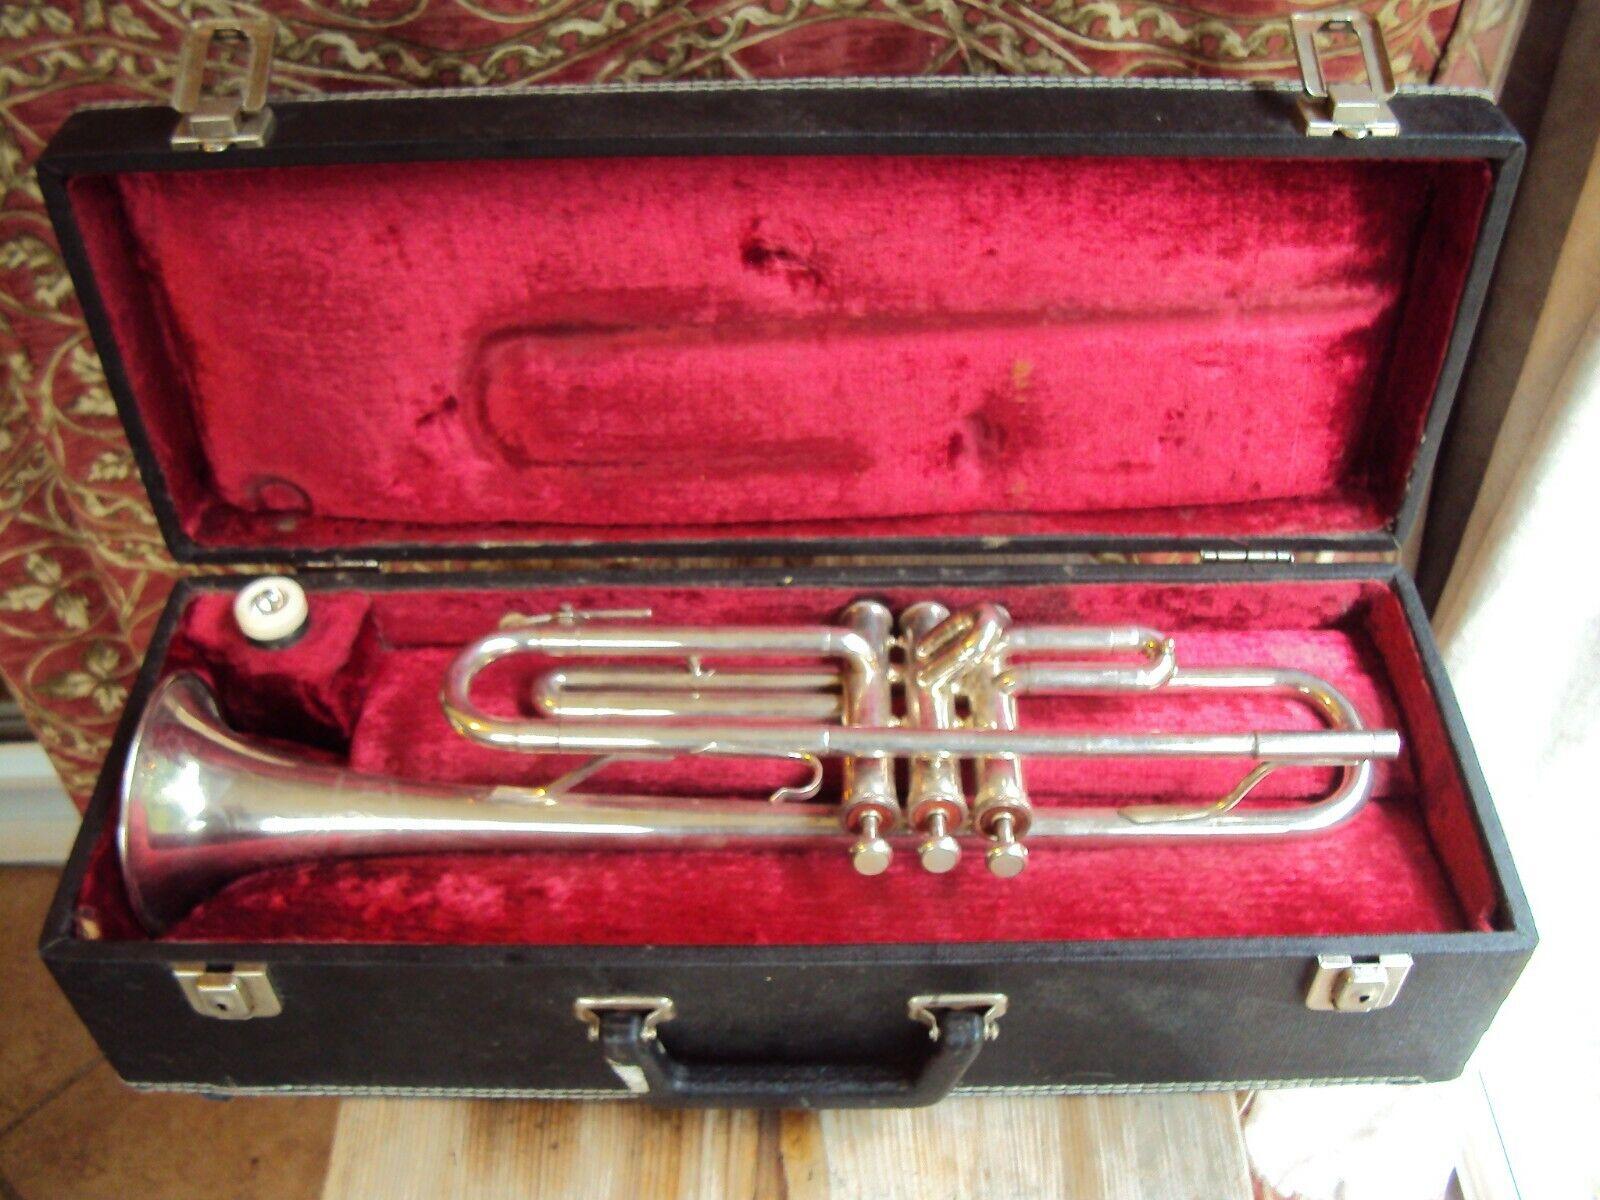 Trompete Weltklang mit Koffer und Mundstück wohl versilbert